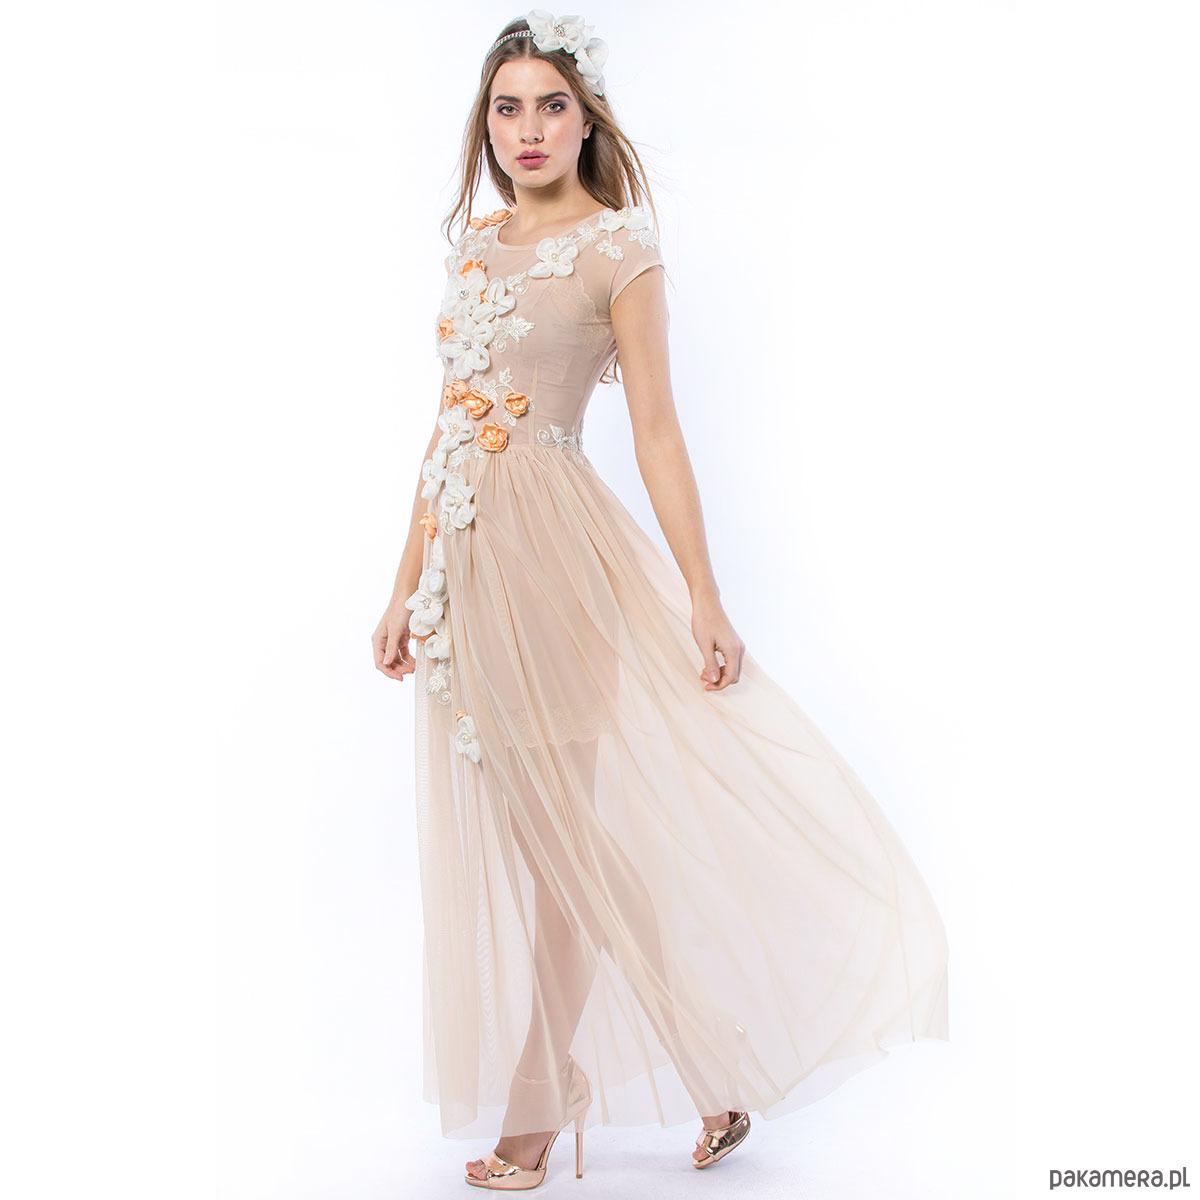 b1e9ac48 Królowa Bajka - ręcznie haftowana suknia ślubna - Pakamera.pl